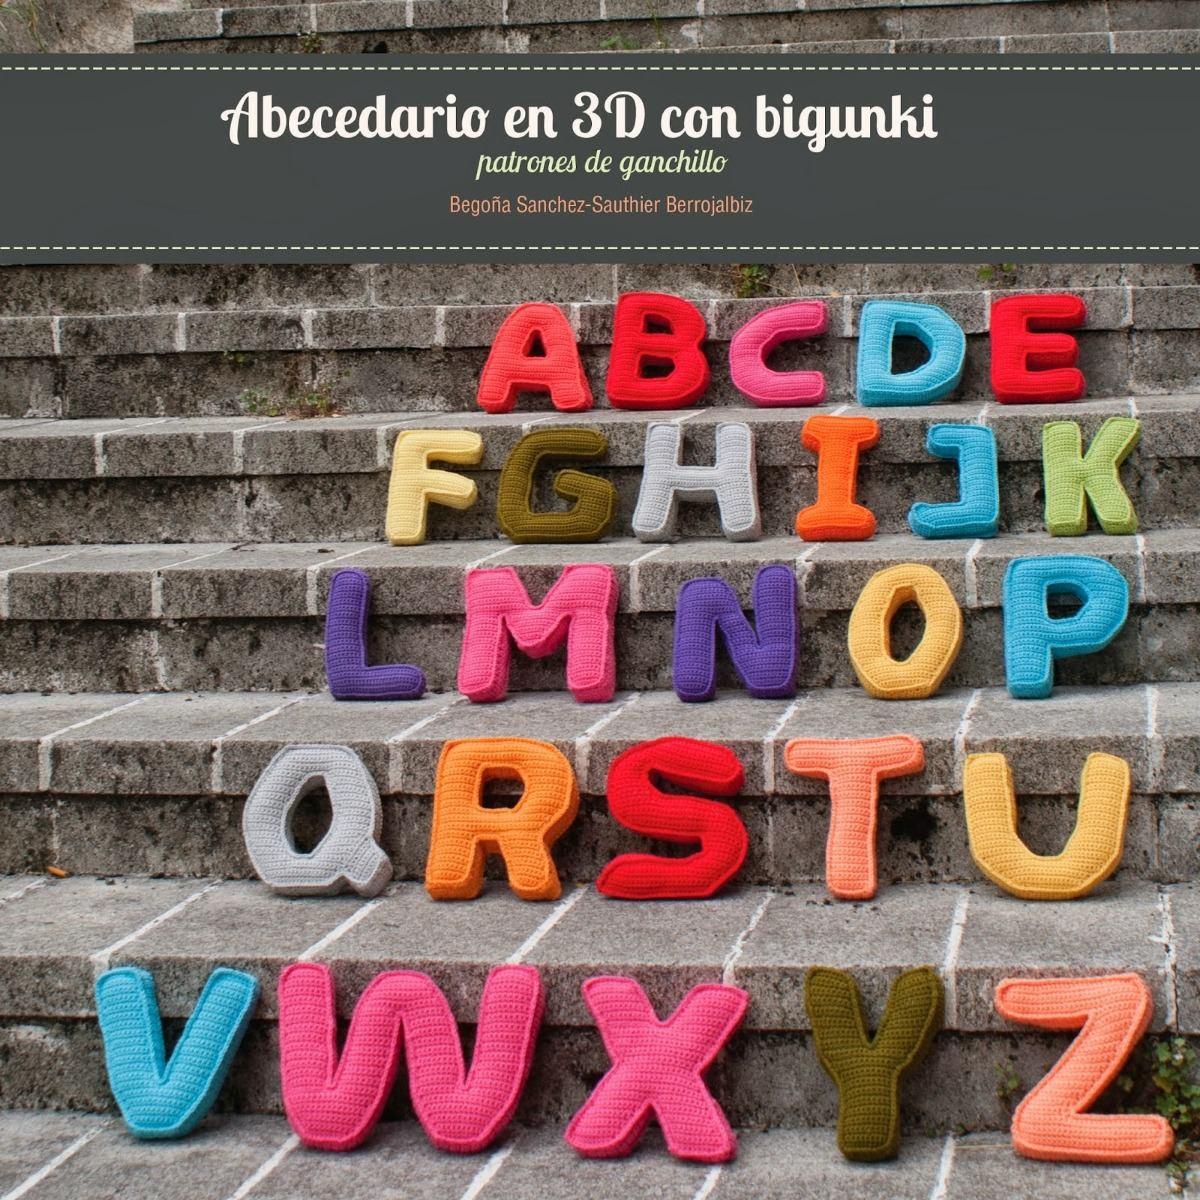 5 Patrones Abecedario Letras 3d Amigurumis Crochetx5 Modelos - $ 100 ...